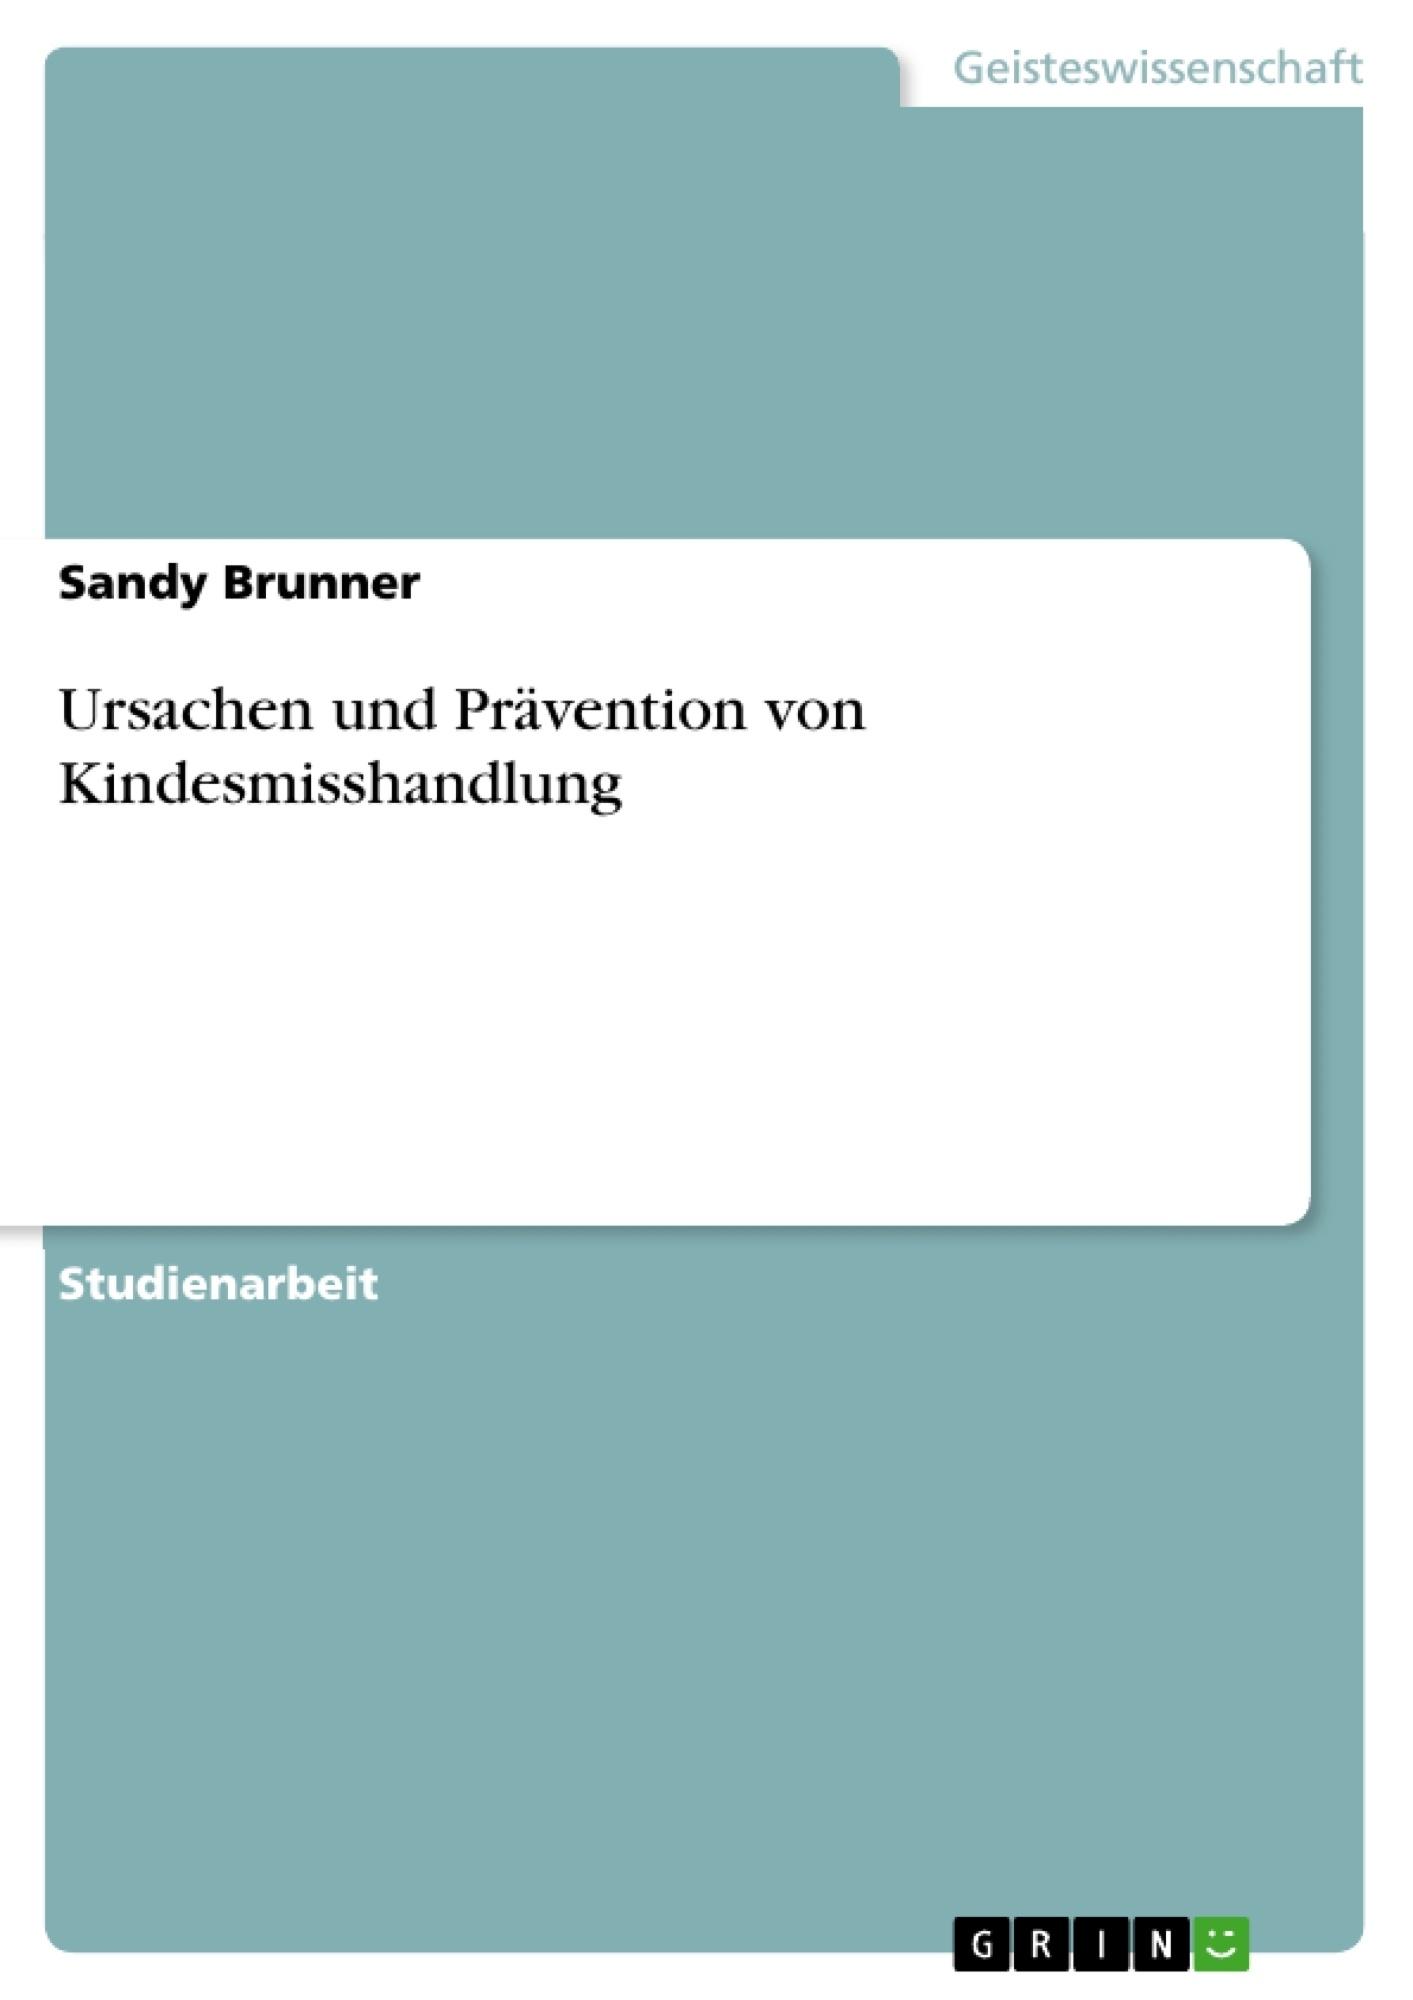 Titel: Ursachen und Prävention von Kindesmisshandlung